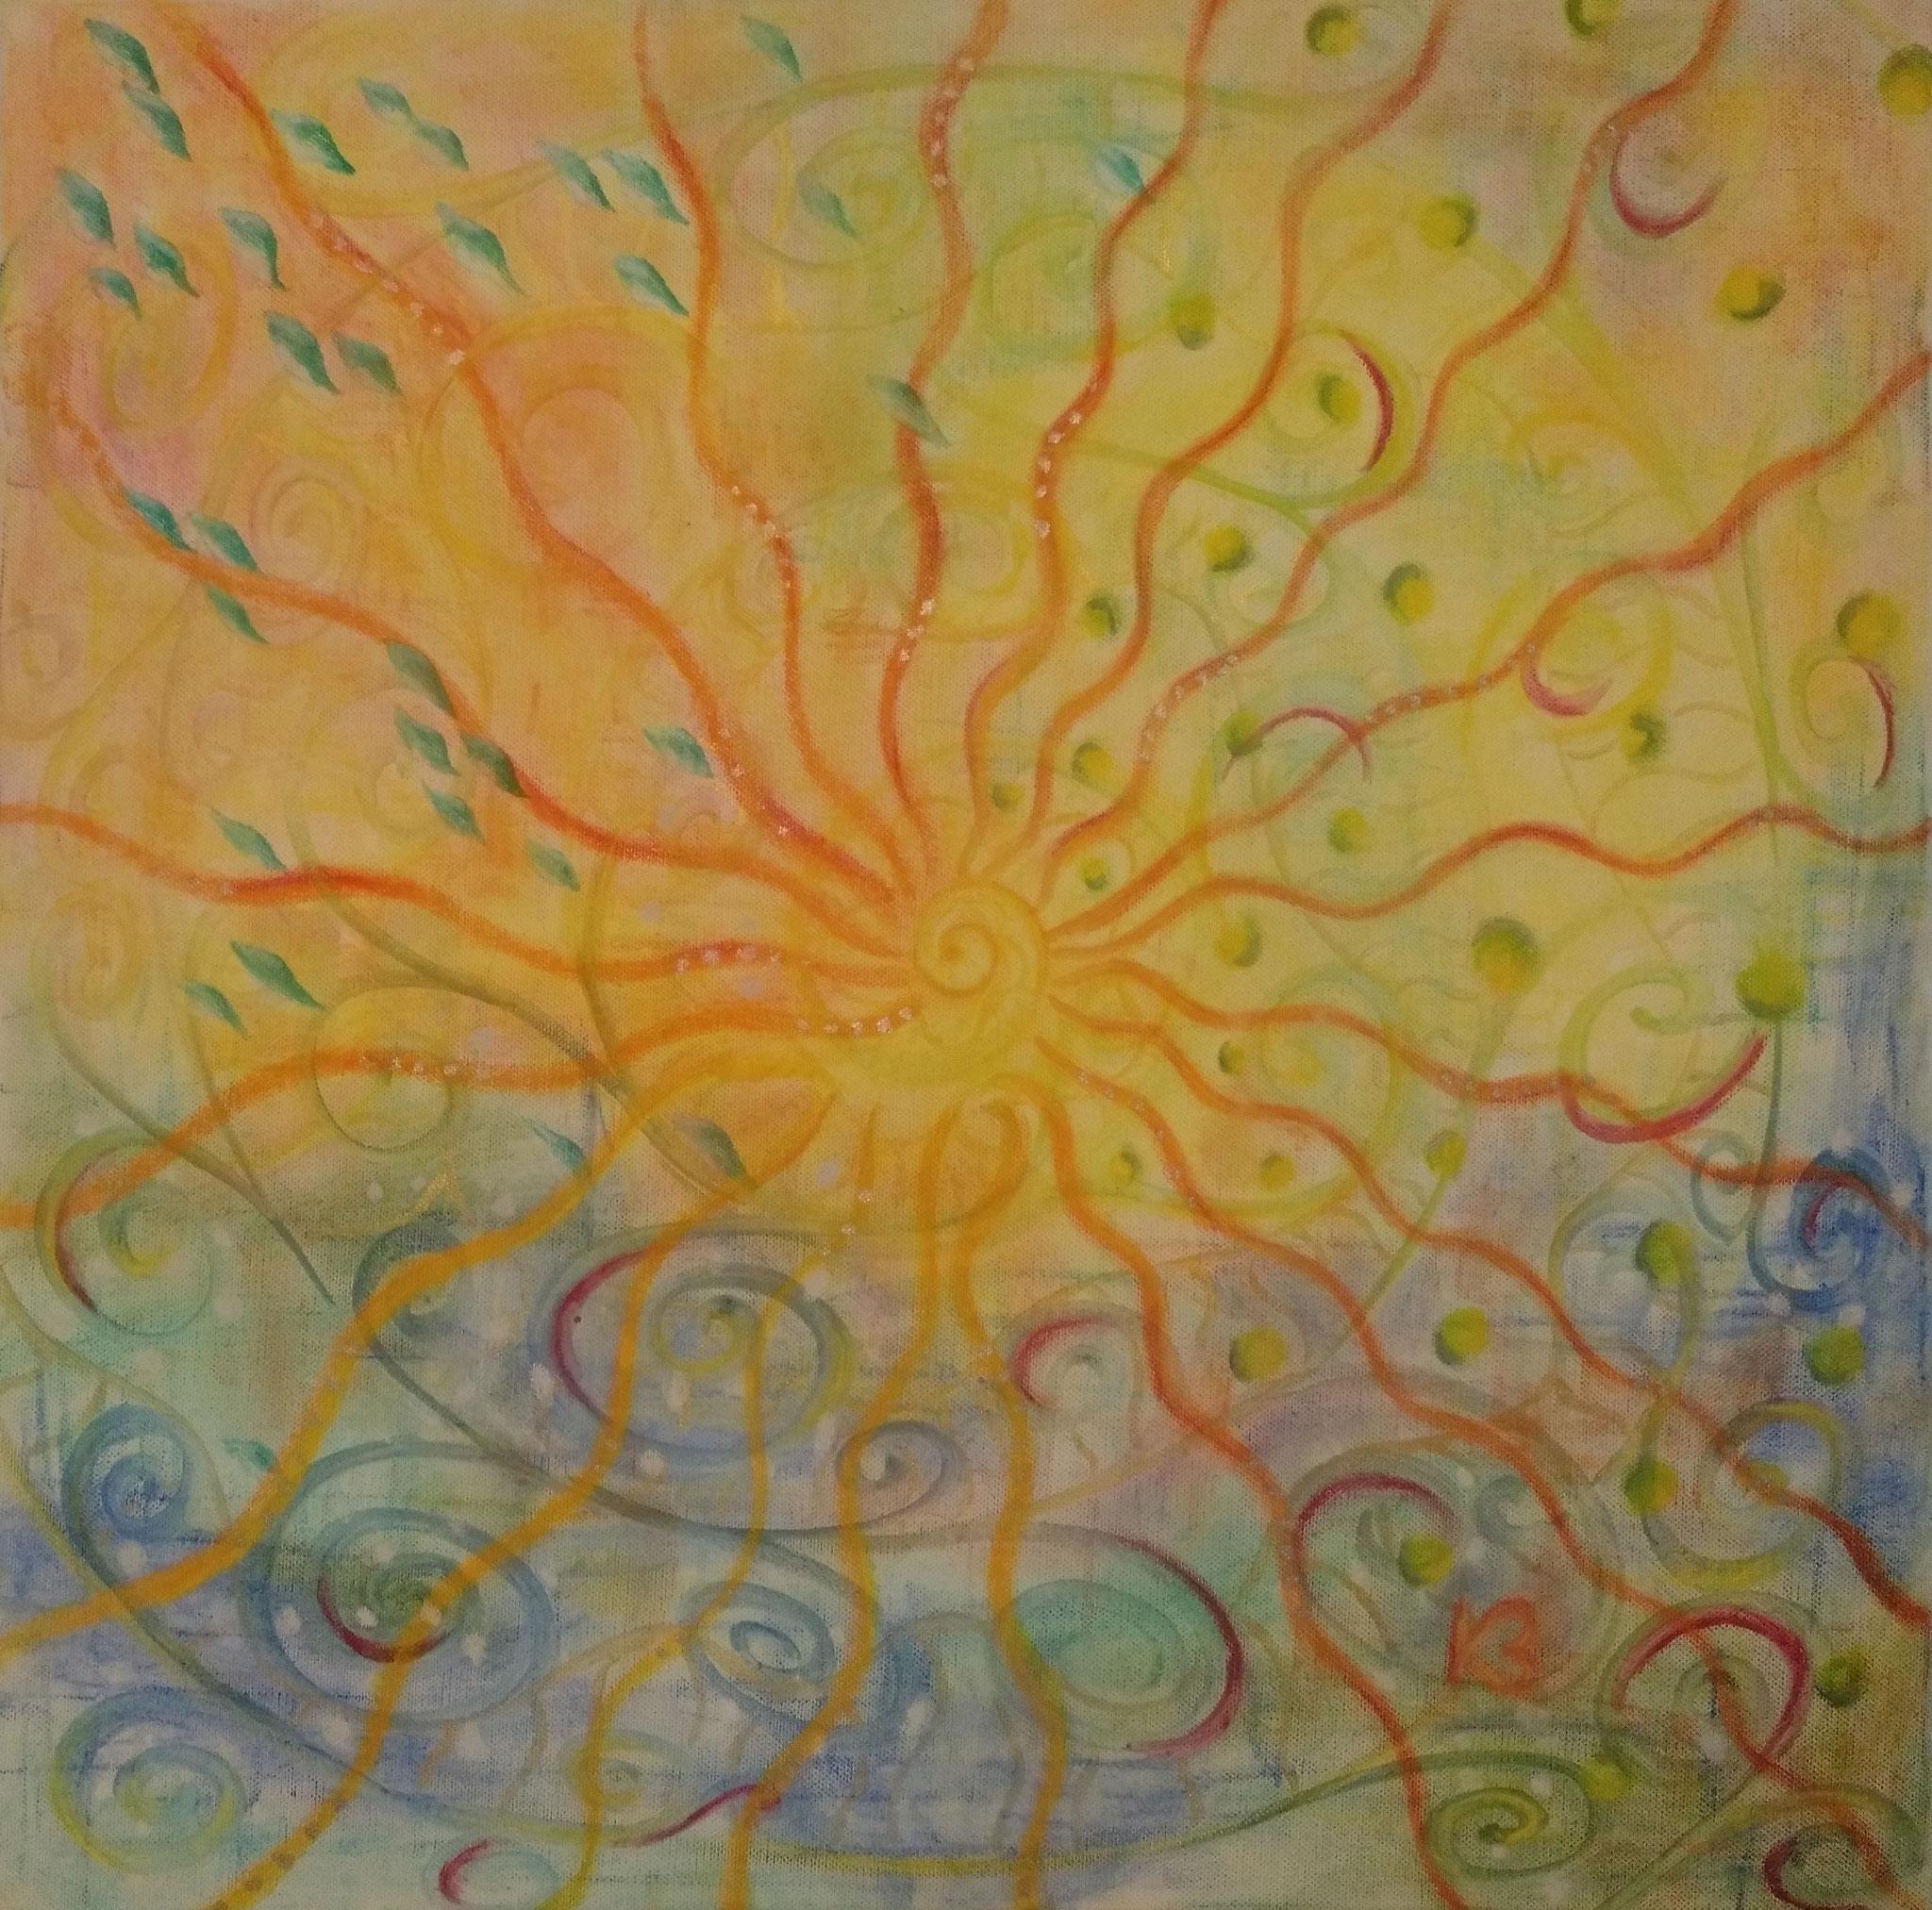 Elemente - 60 x 60 - Pastell und Acryl auf Leinwand